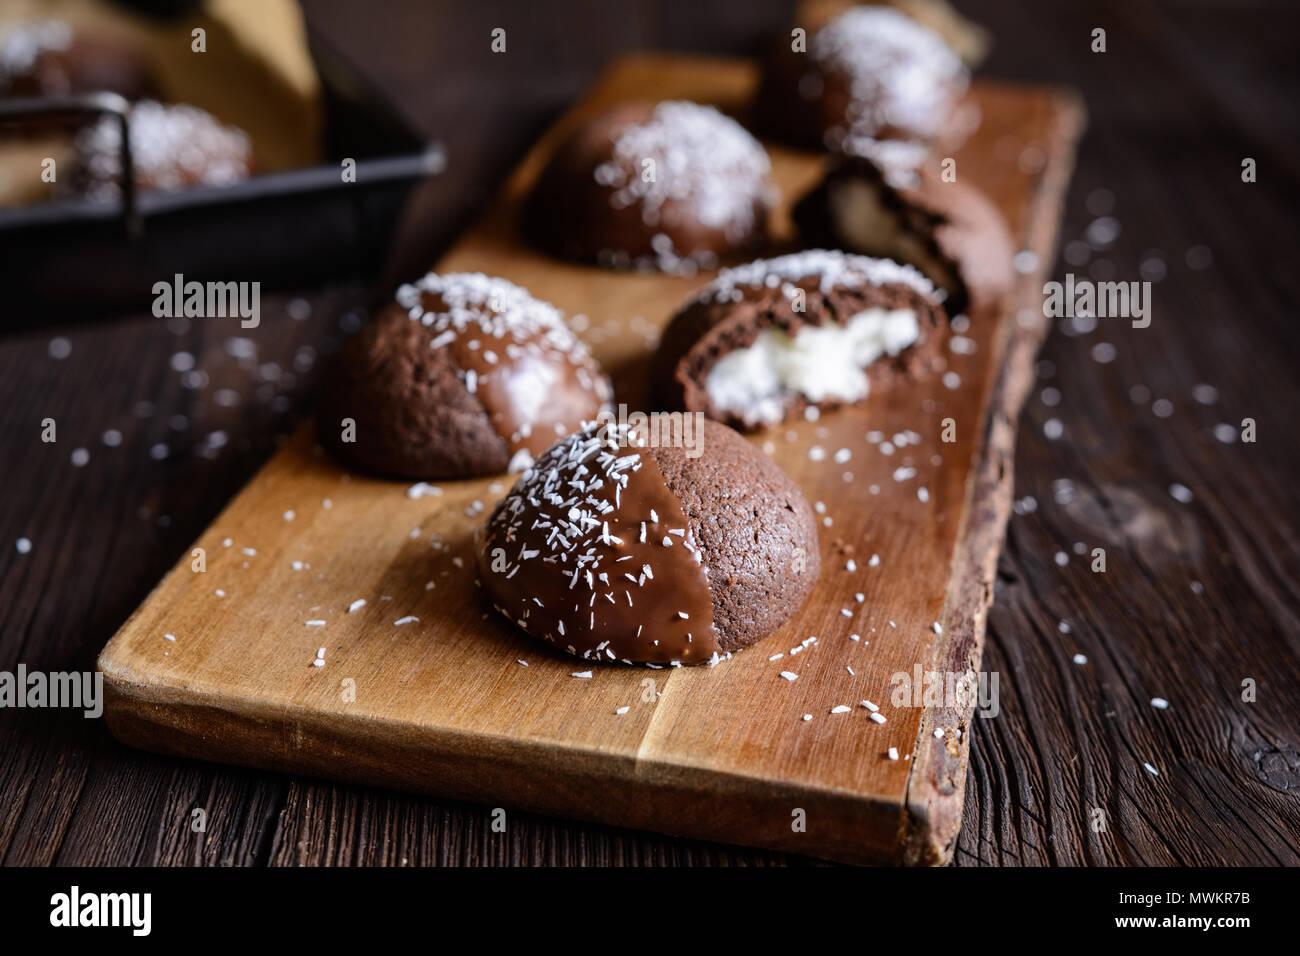 De délicieux biscuits cacao avec remplissage de coco, décoré avec du chocolat et de la noix de coco râpée Photo Stock